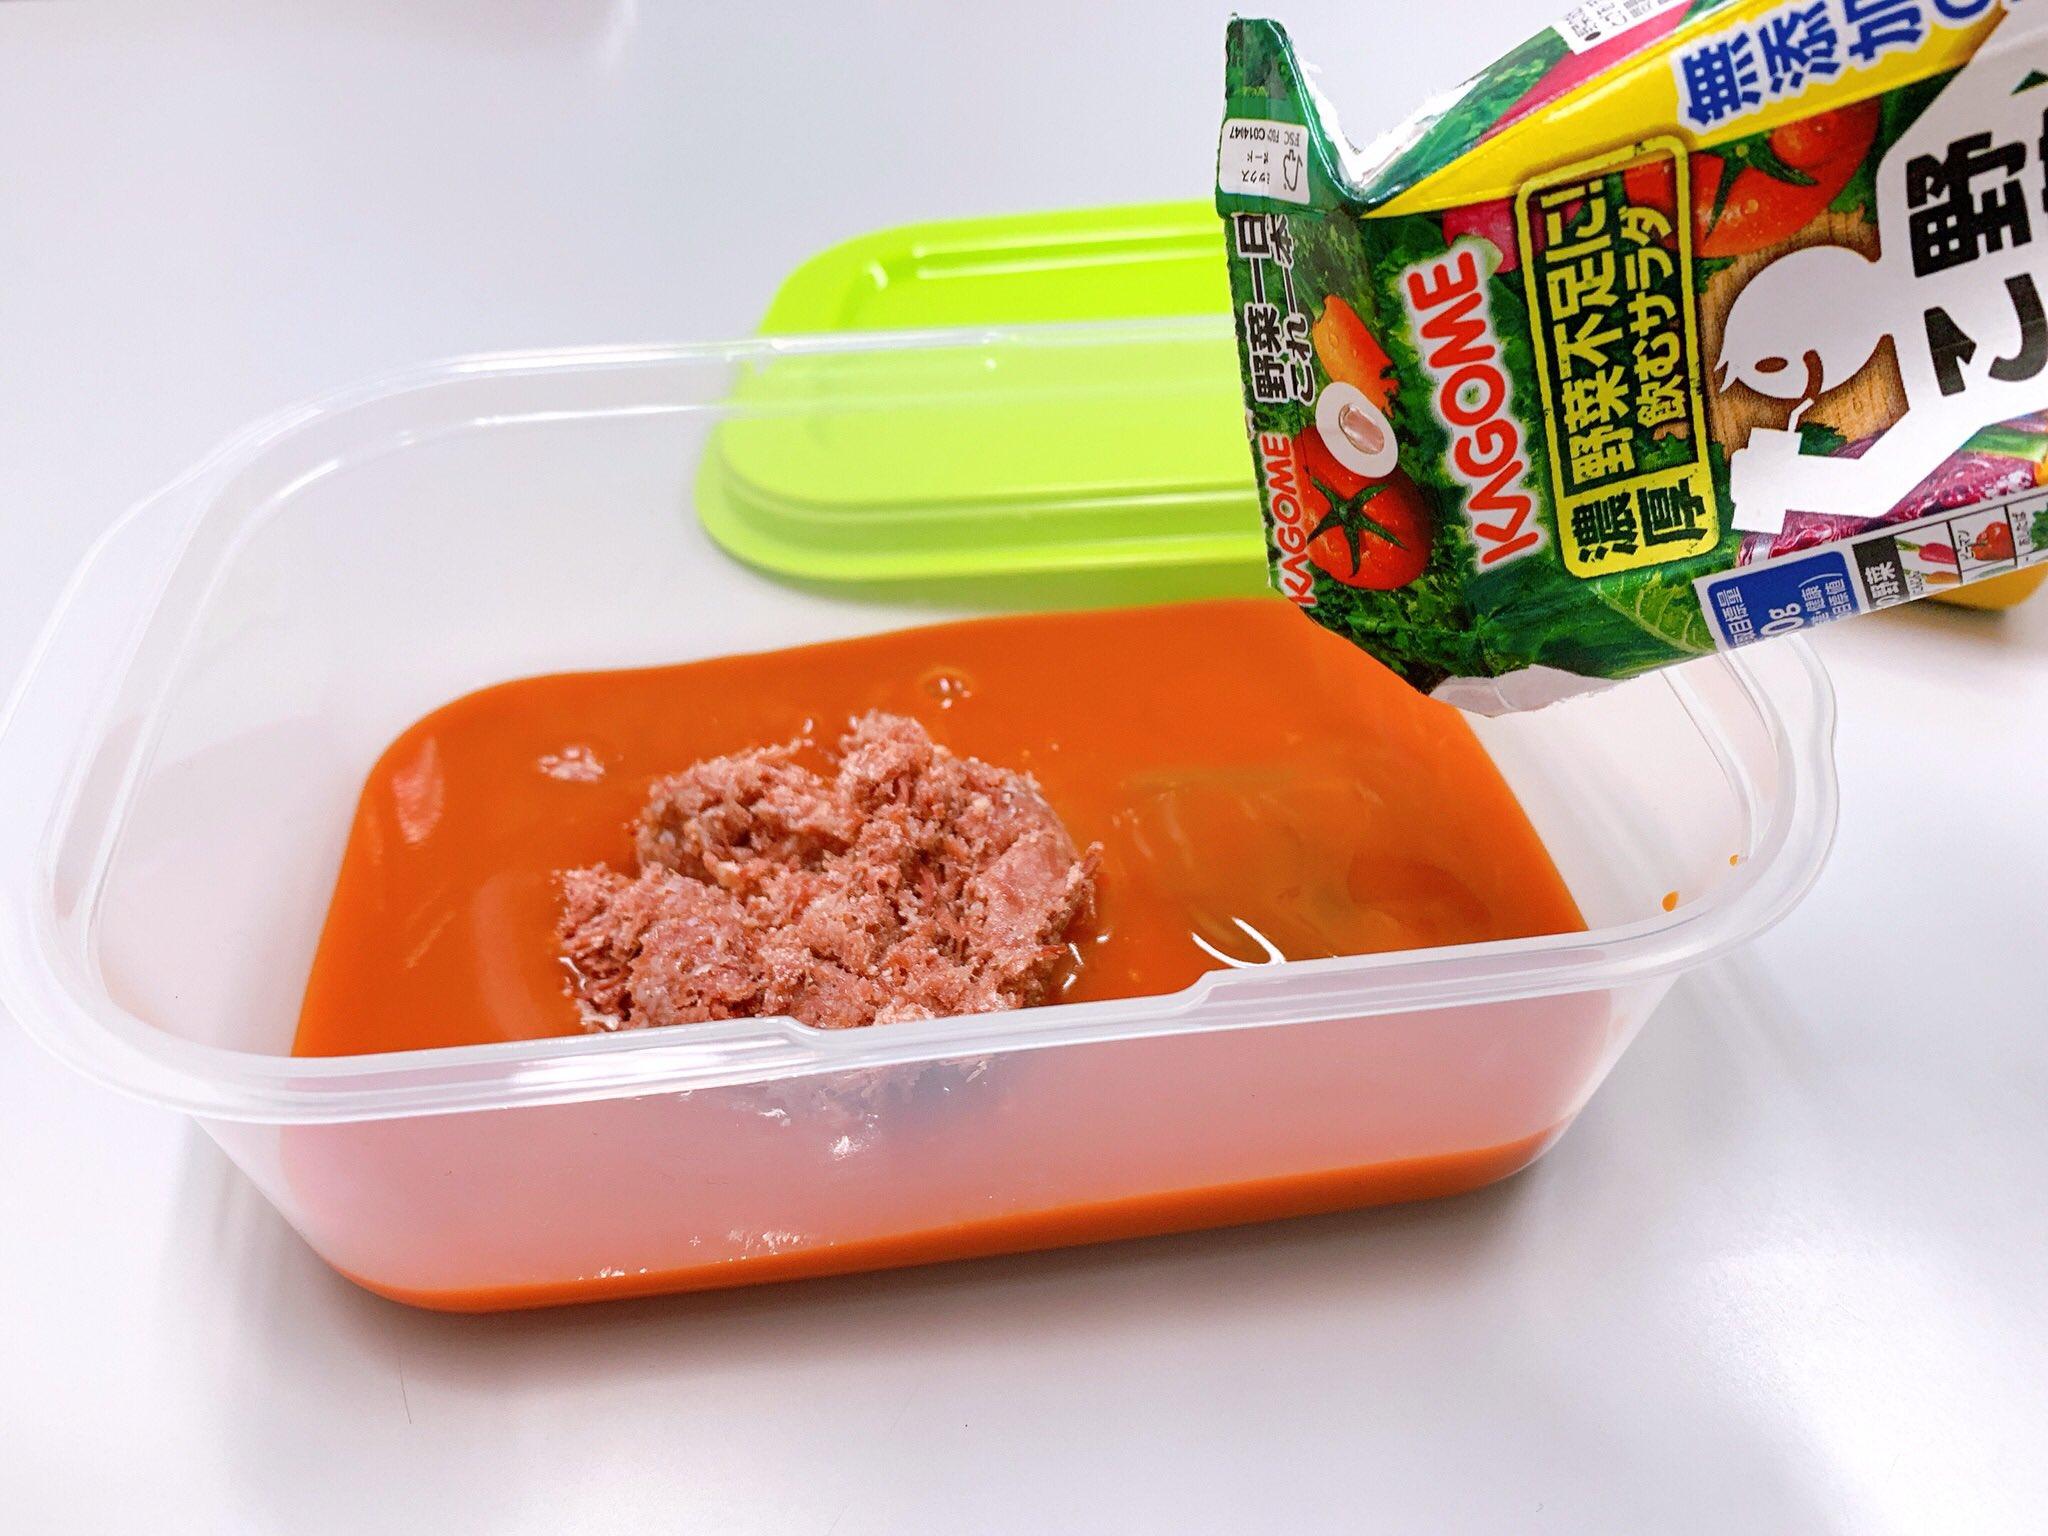 簡単コンビーフカレーの作り方(1人前) ①フードコンテナにコンビーフ50g位、野菜ジュース200ml、カレールー1片をいれ、軽く蓋をし750Wの電子レンジで3分半加熱(途中でかき混ぜルーを溶かす) ②お皿にご飯と一緒に盛り付ければ完成! 包丁使わないよ!やったー!